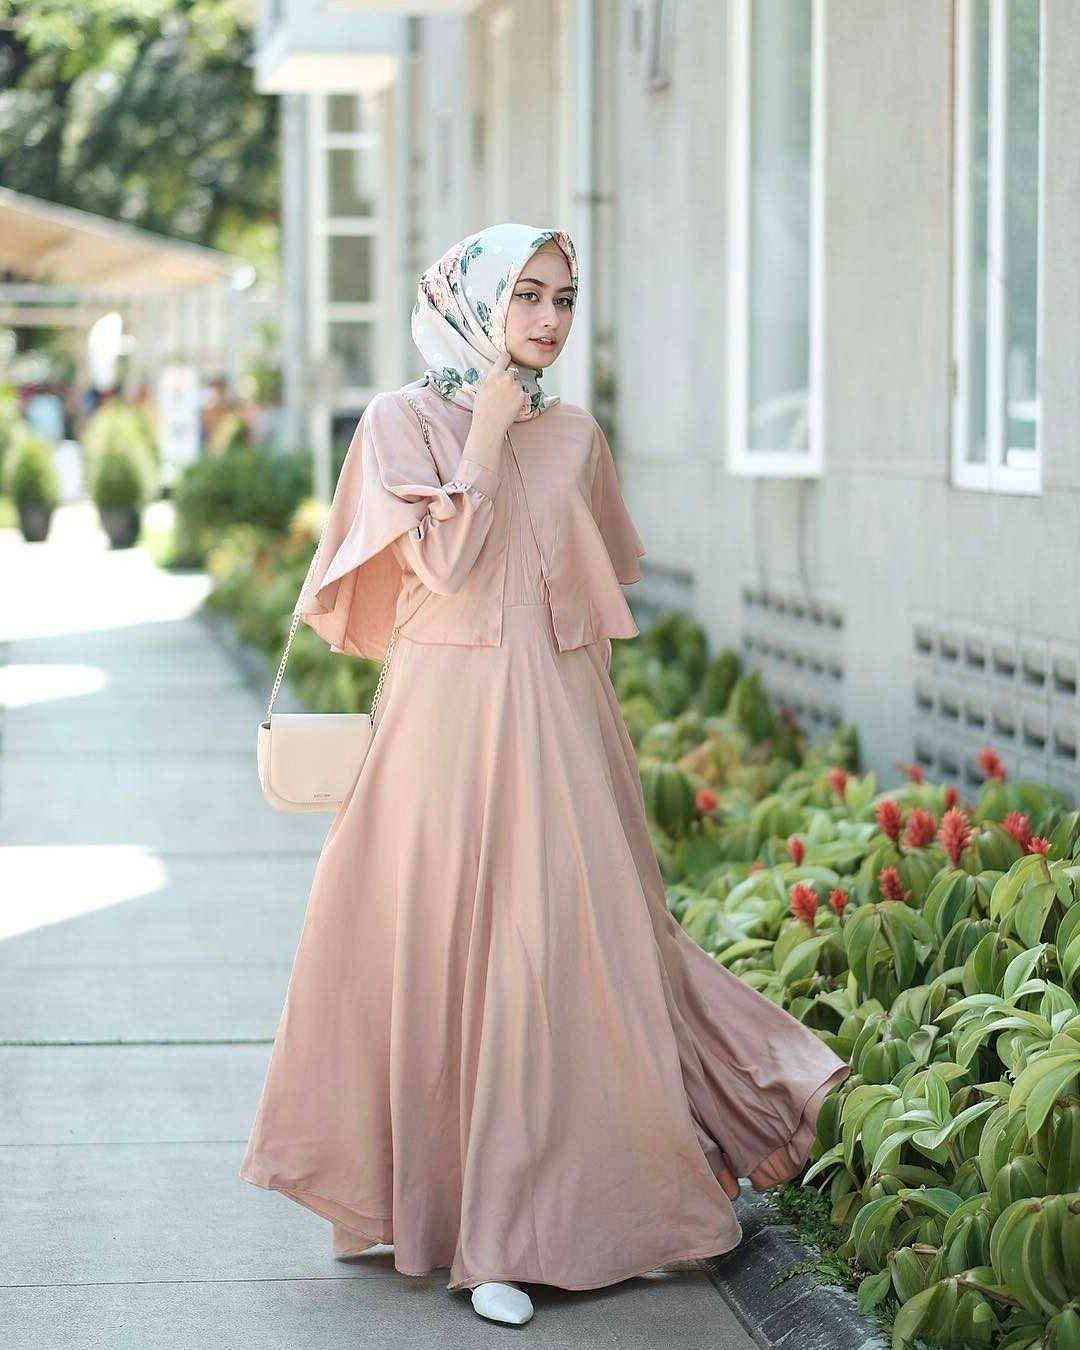 Model Model Baju Lebaran Keluarga 2018 Etdg 21 Model Gamis Lebaran 2018 Desain Elegan Casual Dan Modern